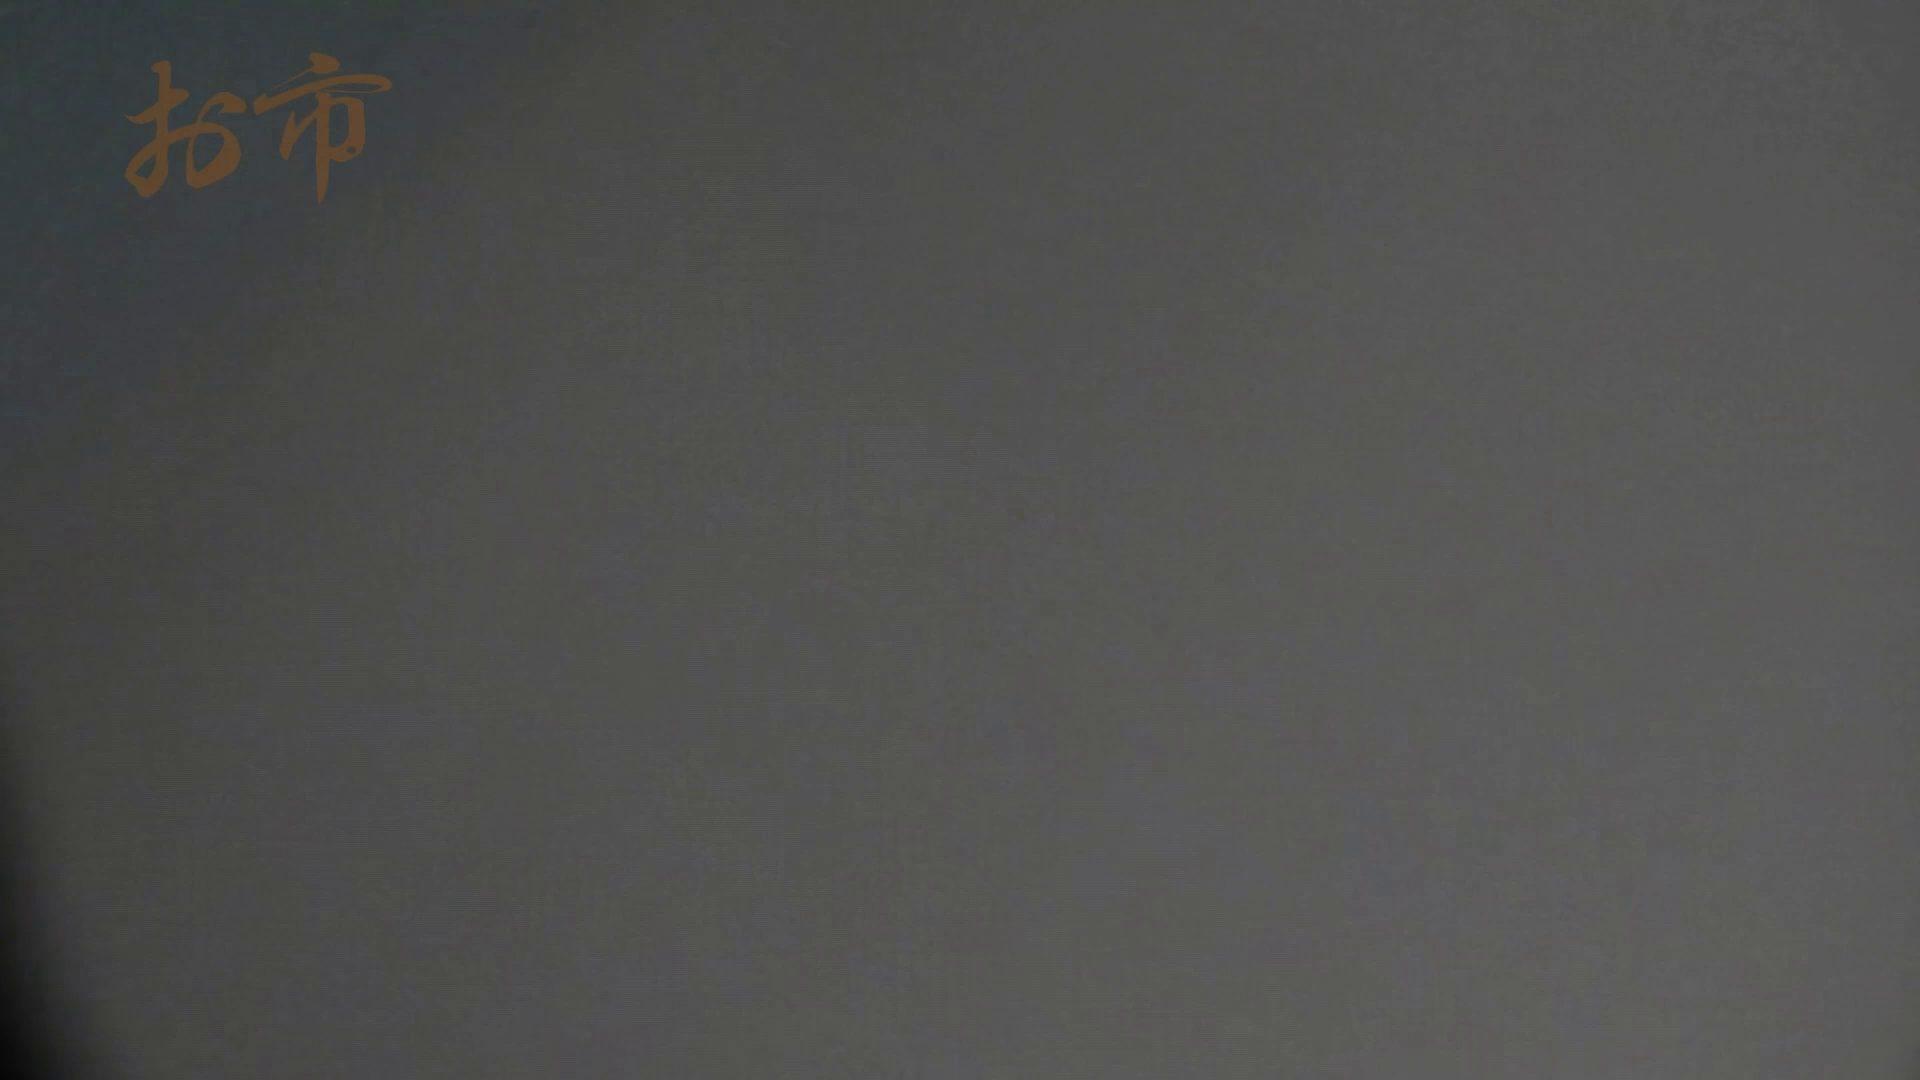 潜入!!台湾名門女学院 Vol.12 長身モデル驚き見たことないシチュエーション 盗撮  105PIX 98